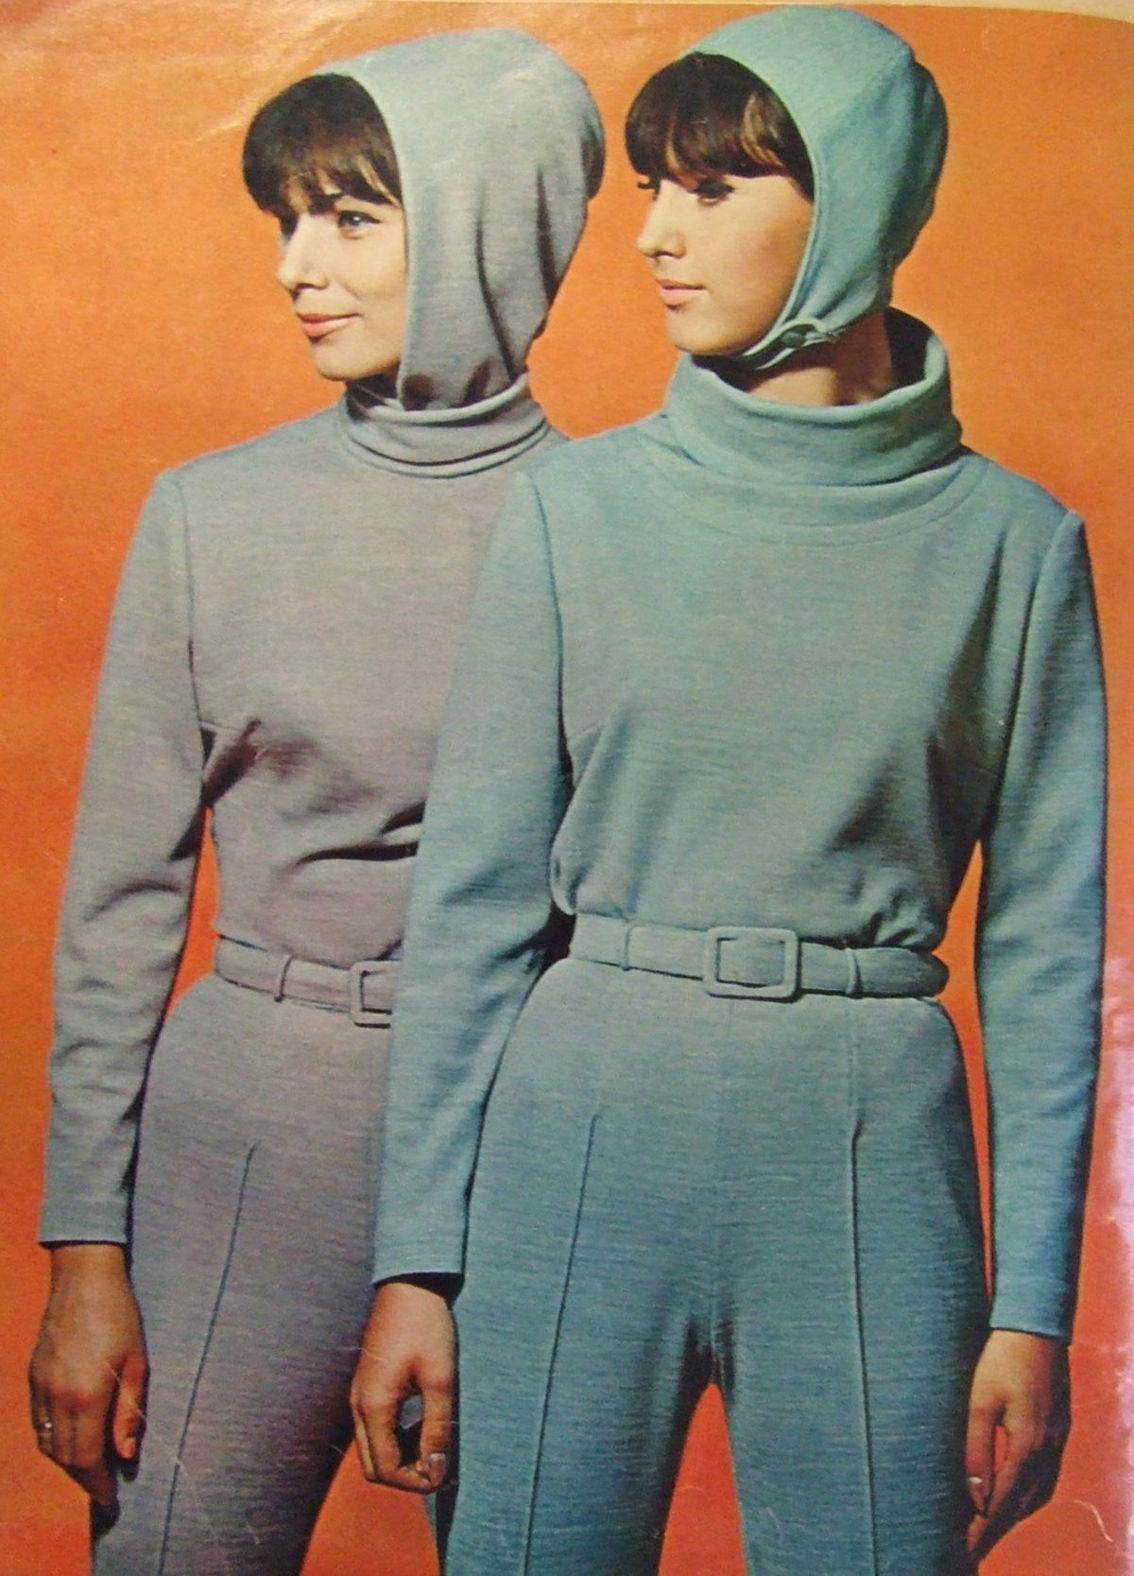 Pre prvú moslimskú modelku, ktorá nosila hijab (šatku,. Modne Retro Spomienky Zo Skrin Pacia Sa Vam Modely 50 Ci 80 Rokov Krasa A Moda Zena Pravda Sk